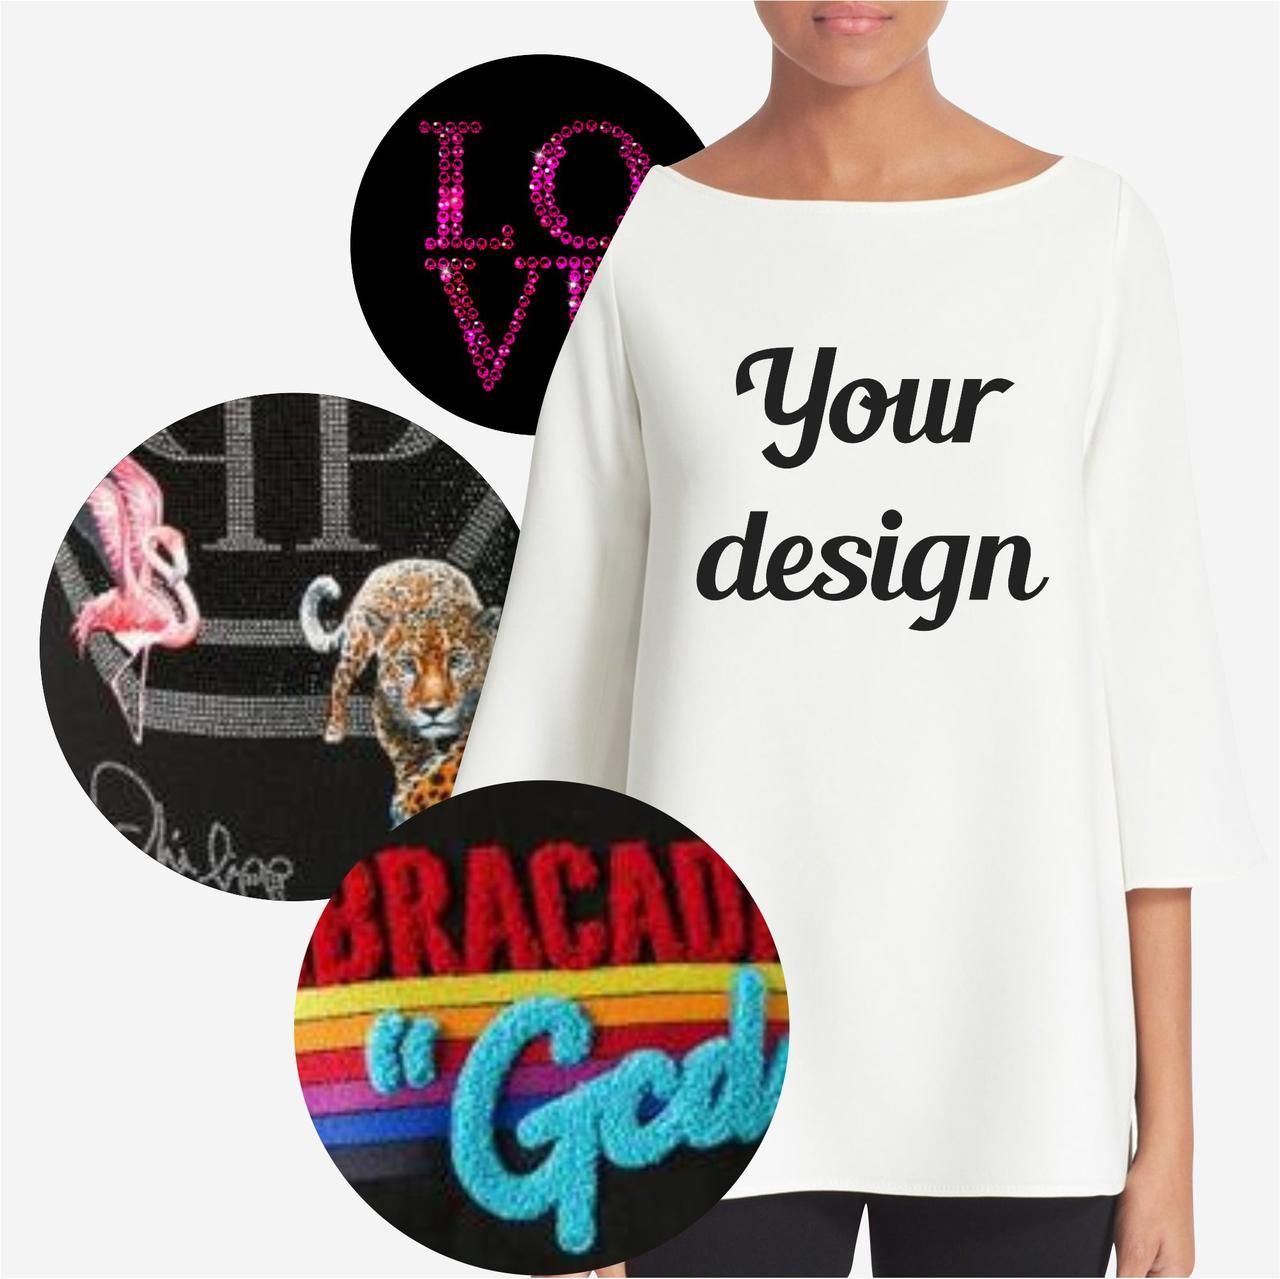 Подбор/Разработка дизайнов декора для женских футболок, худи и толстовок (фото в описании)